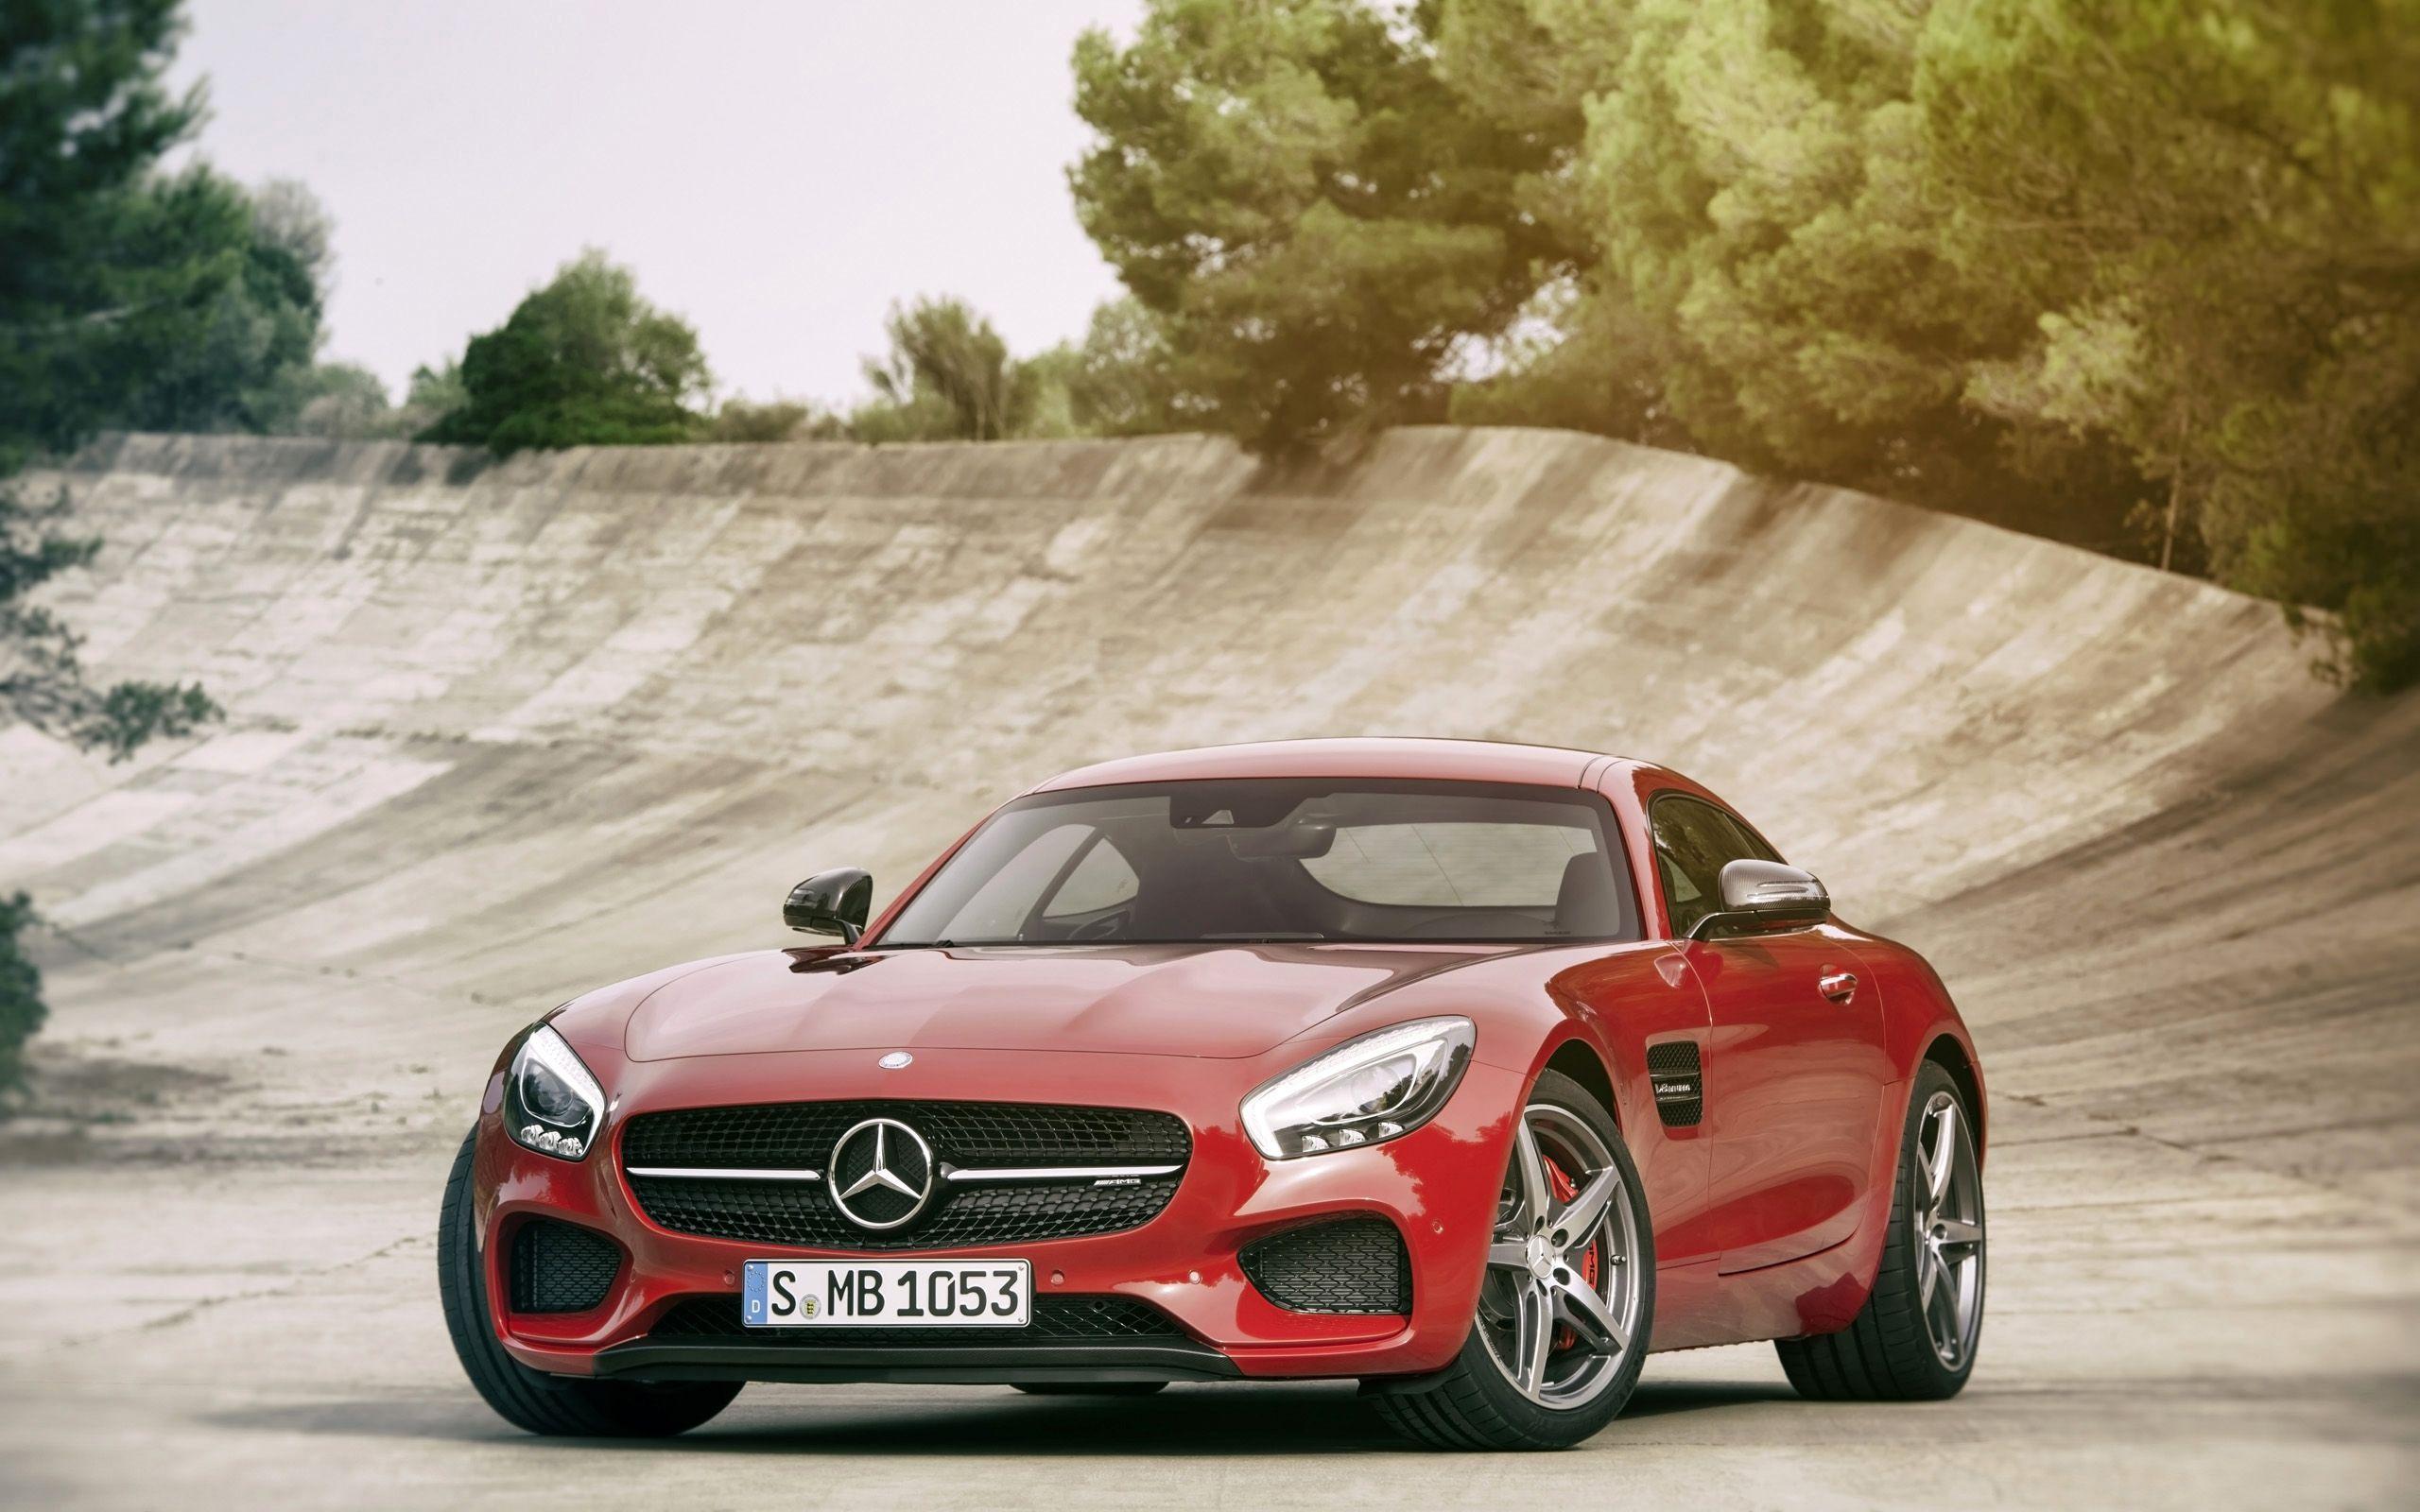 Marvellous Supercar Comparison Mercedes Amg Mercedes Amg Gt S Mercedes Benz Amg